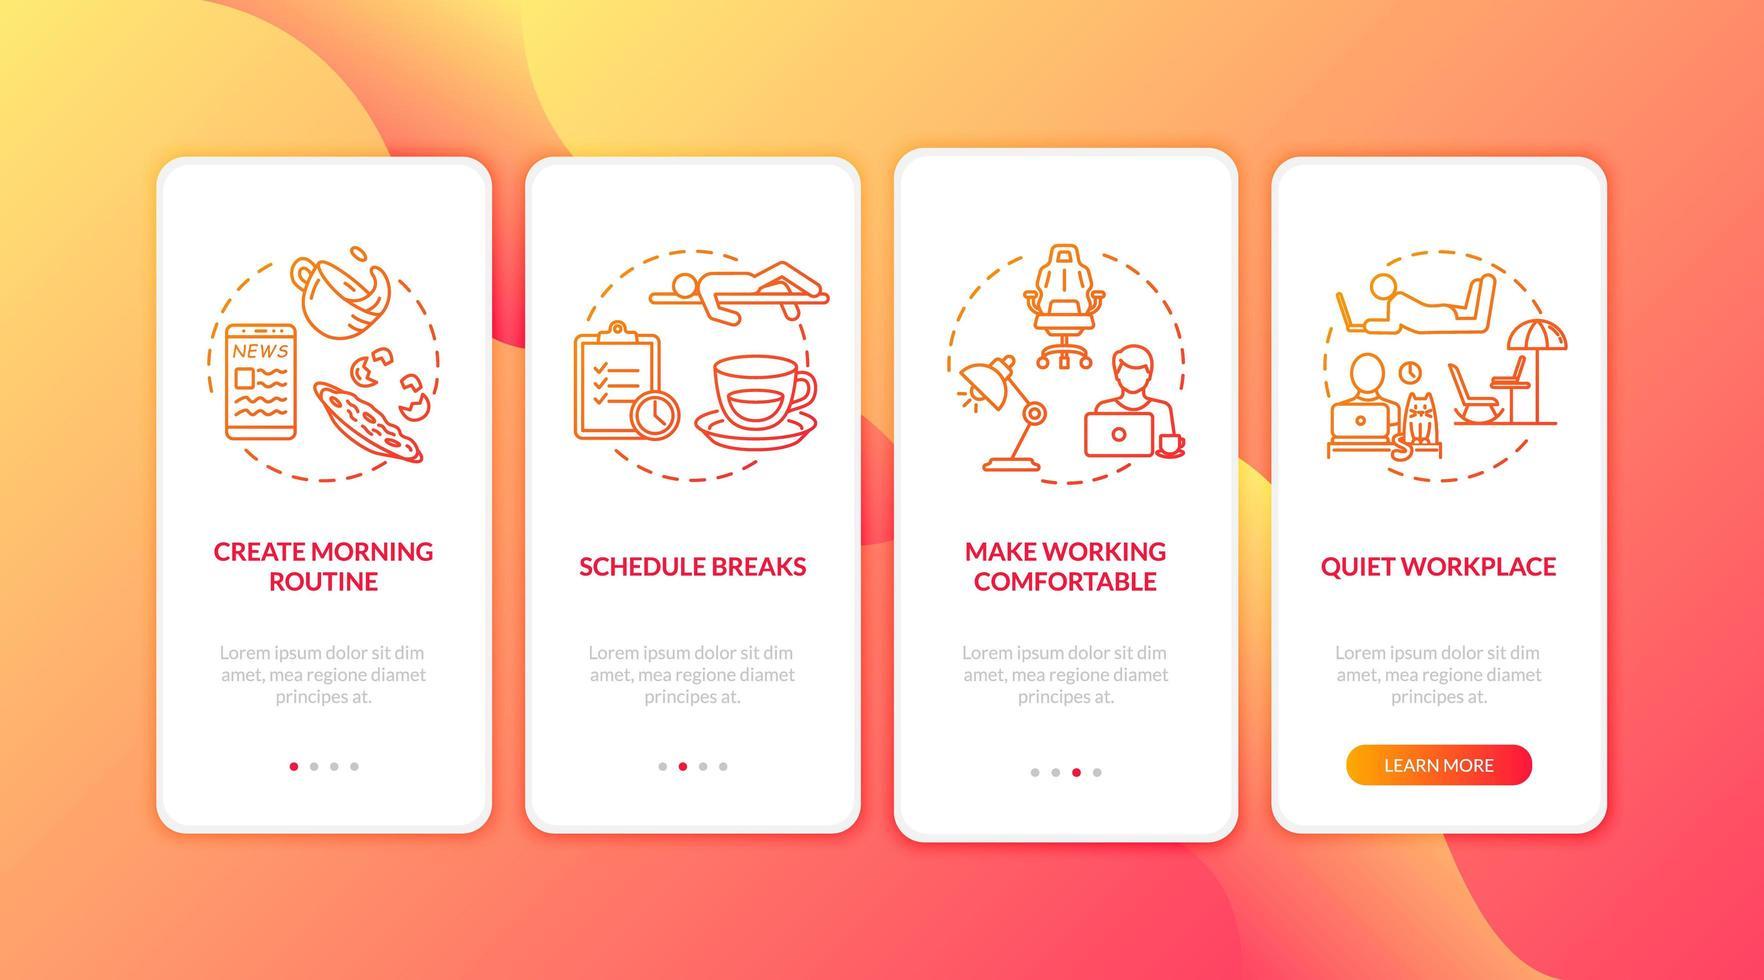 oficina en casa, pantalla de la página de la aplicación móvil de incorporación independiente vector